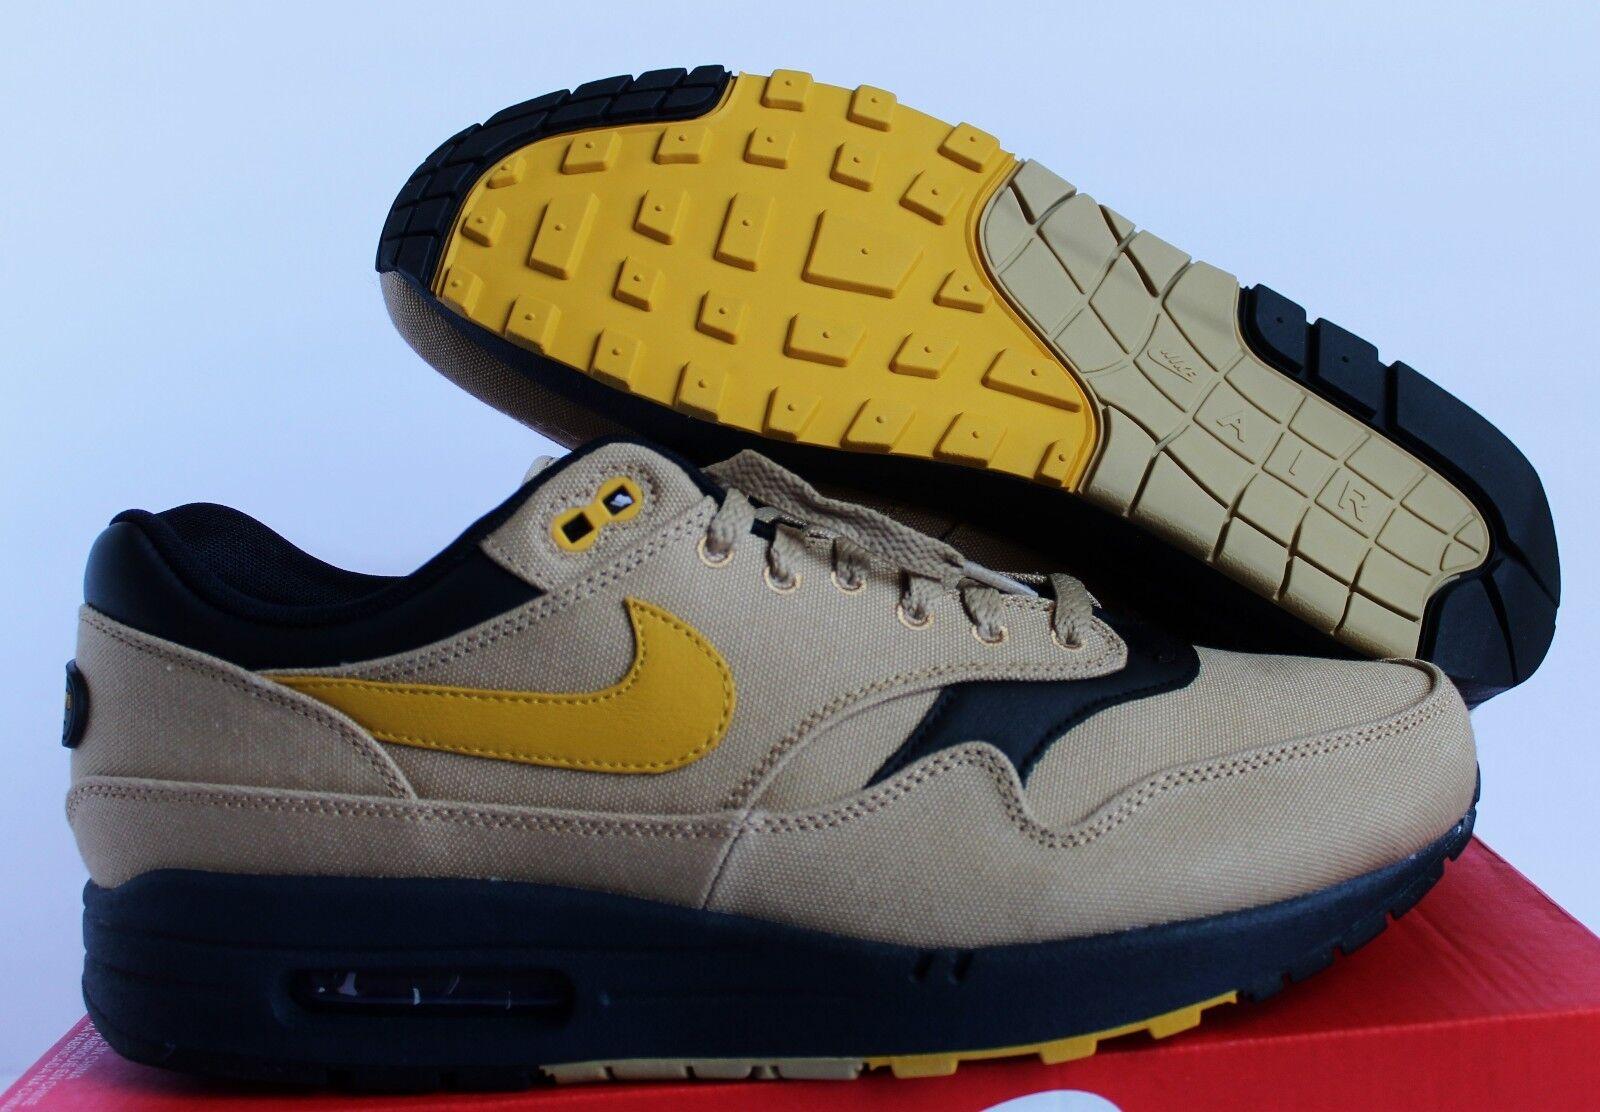 Nike Air Max 1 1 1 Premium oro-Mineral giallo-nero Uomo sz 10 [875844-700] de77d6